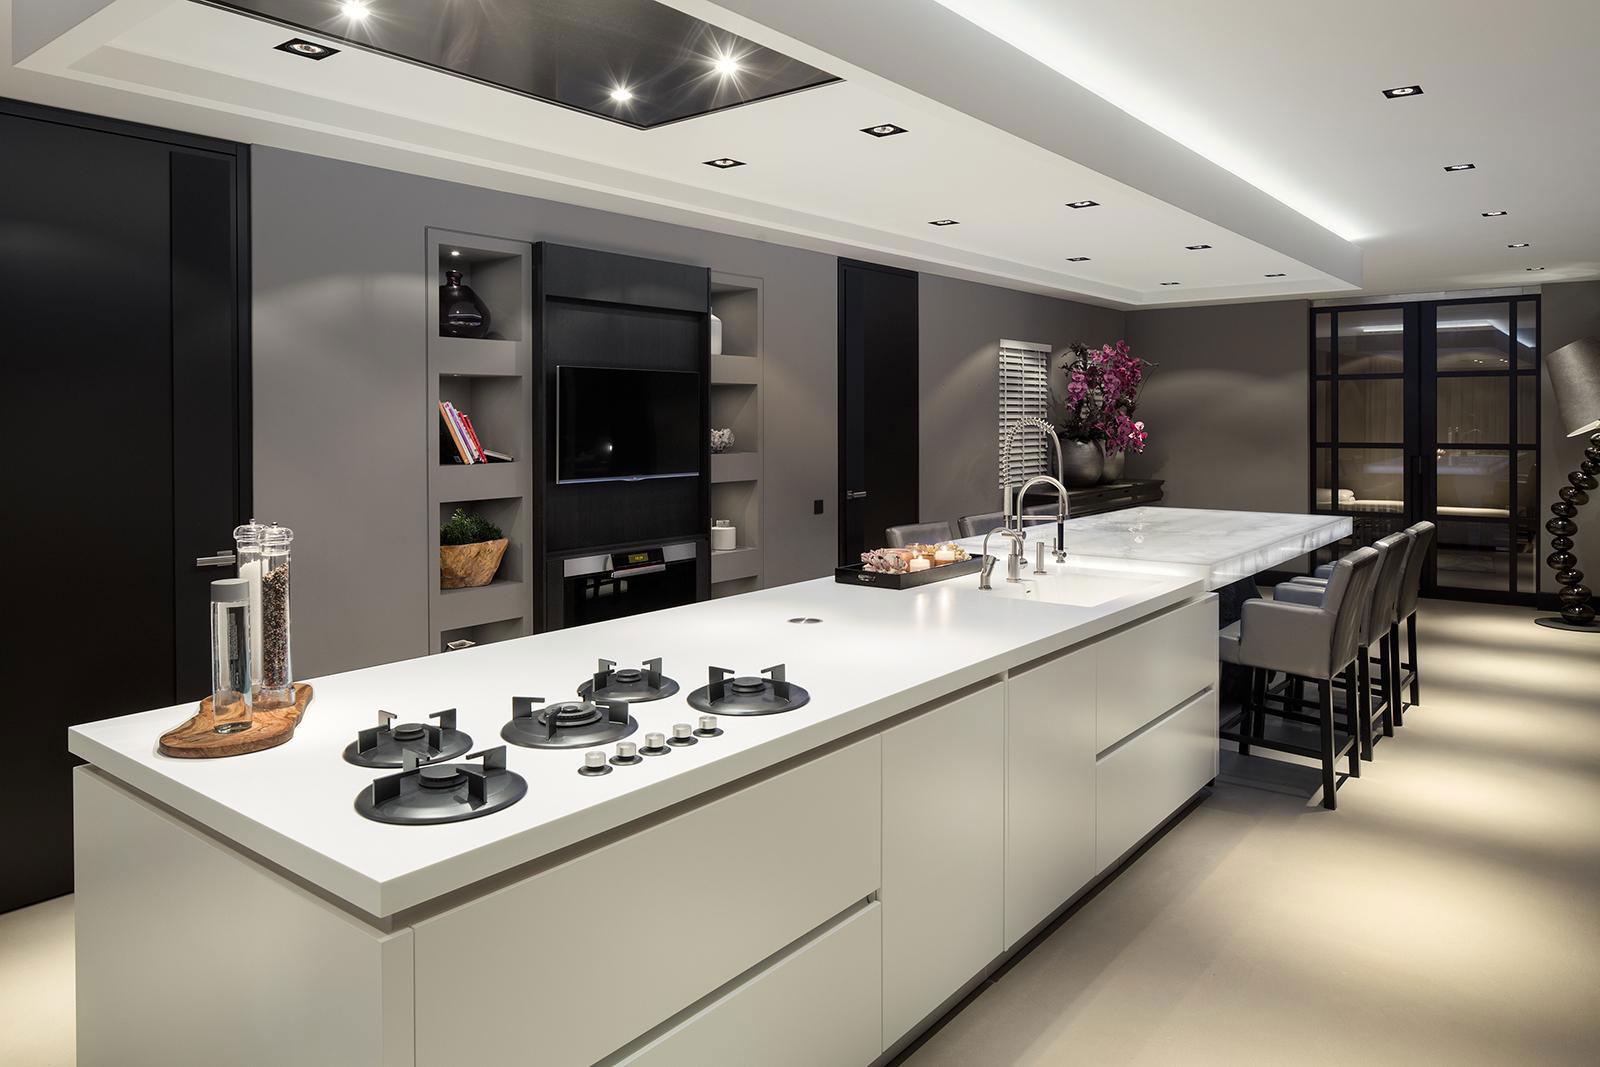 hyggeligt-home-interiør-øko-glam-7-køkken-ø